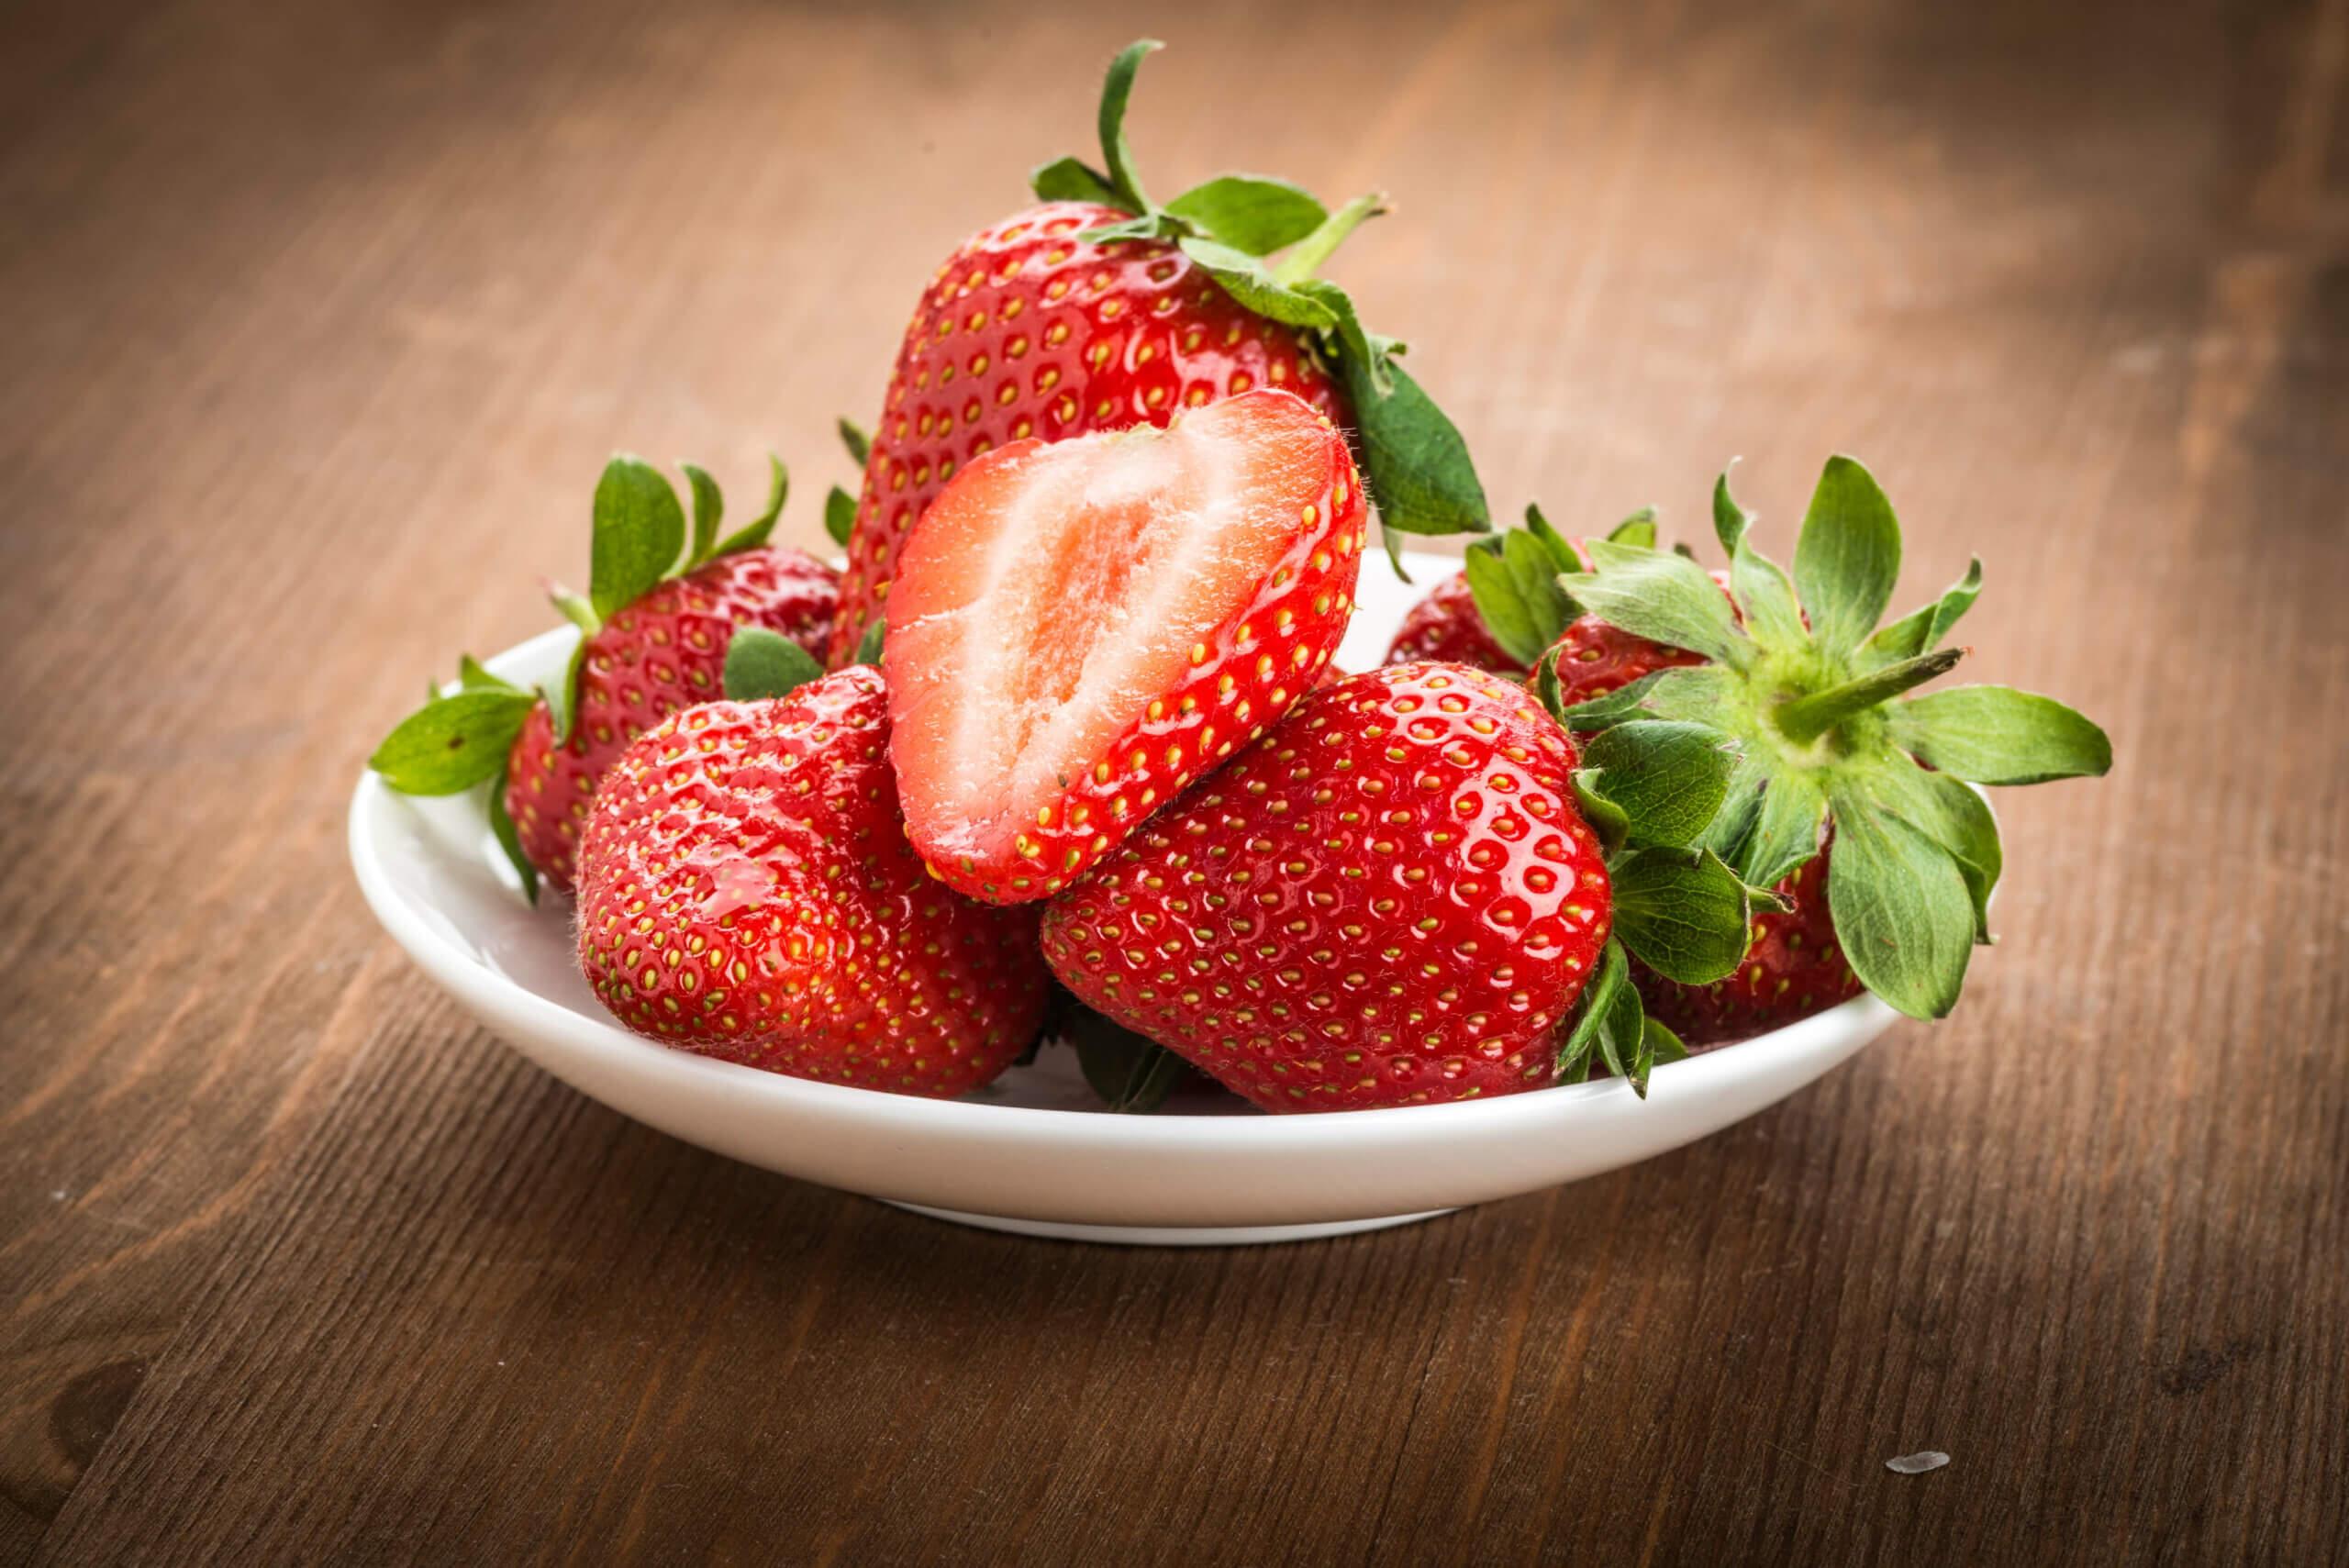 Las fresas son frutas deliciosas.